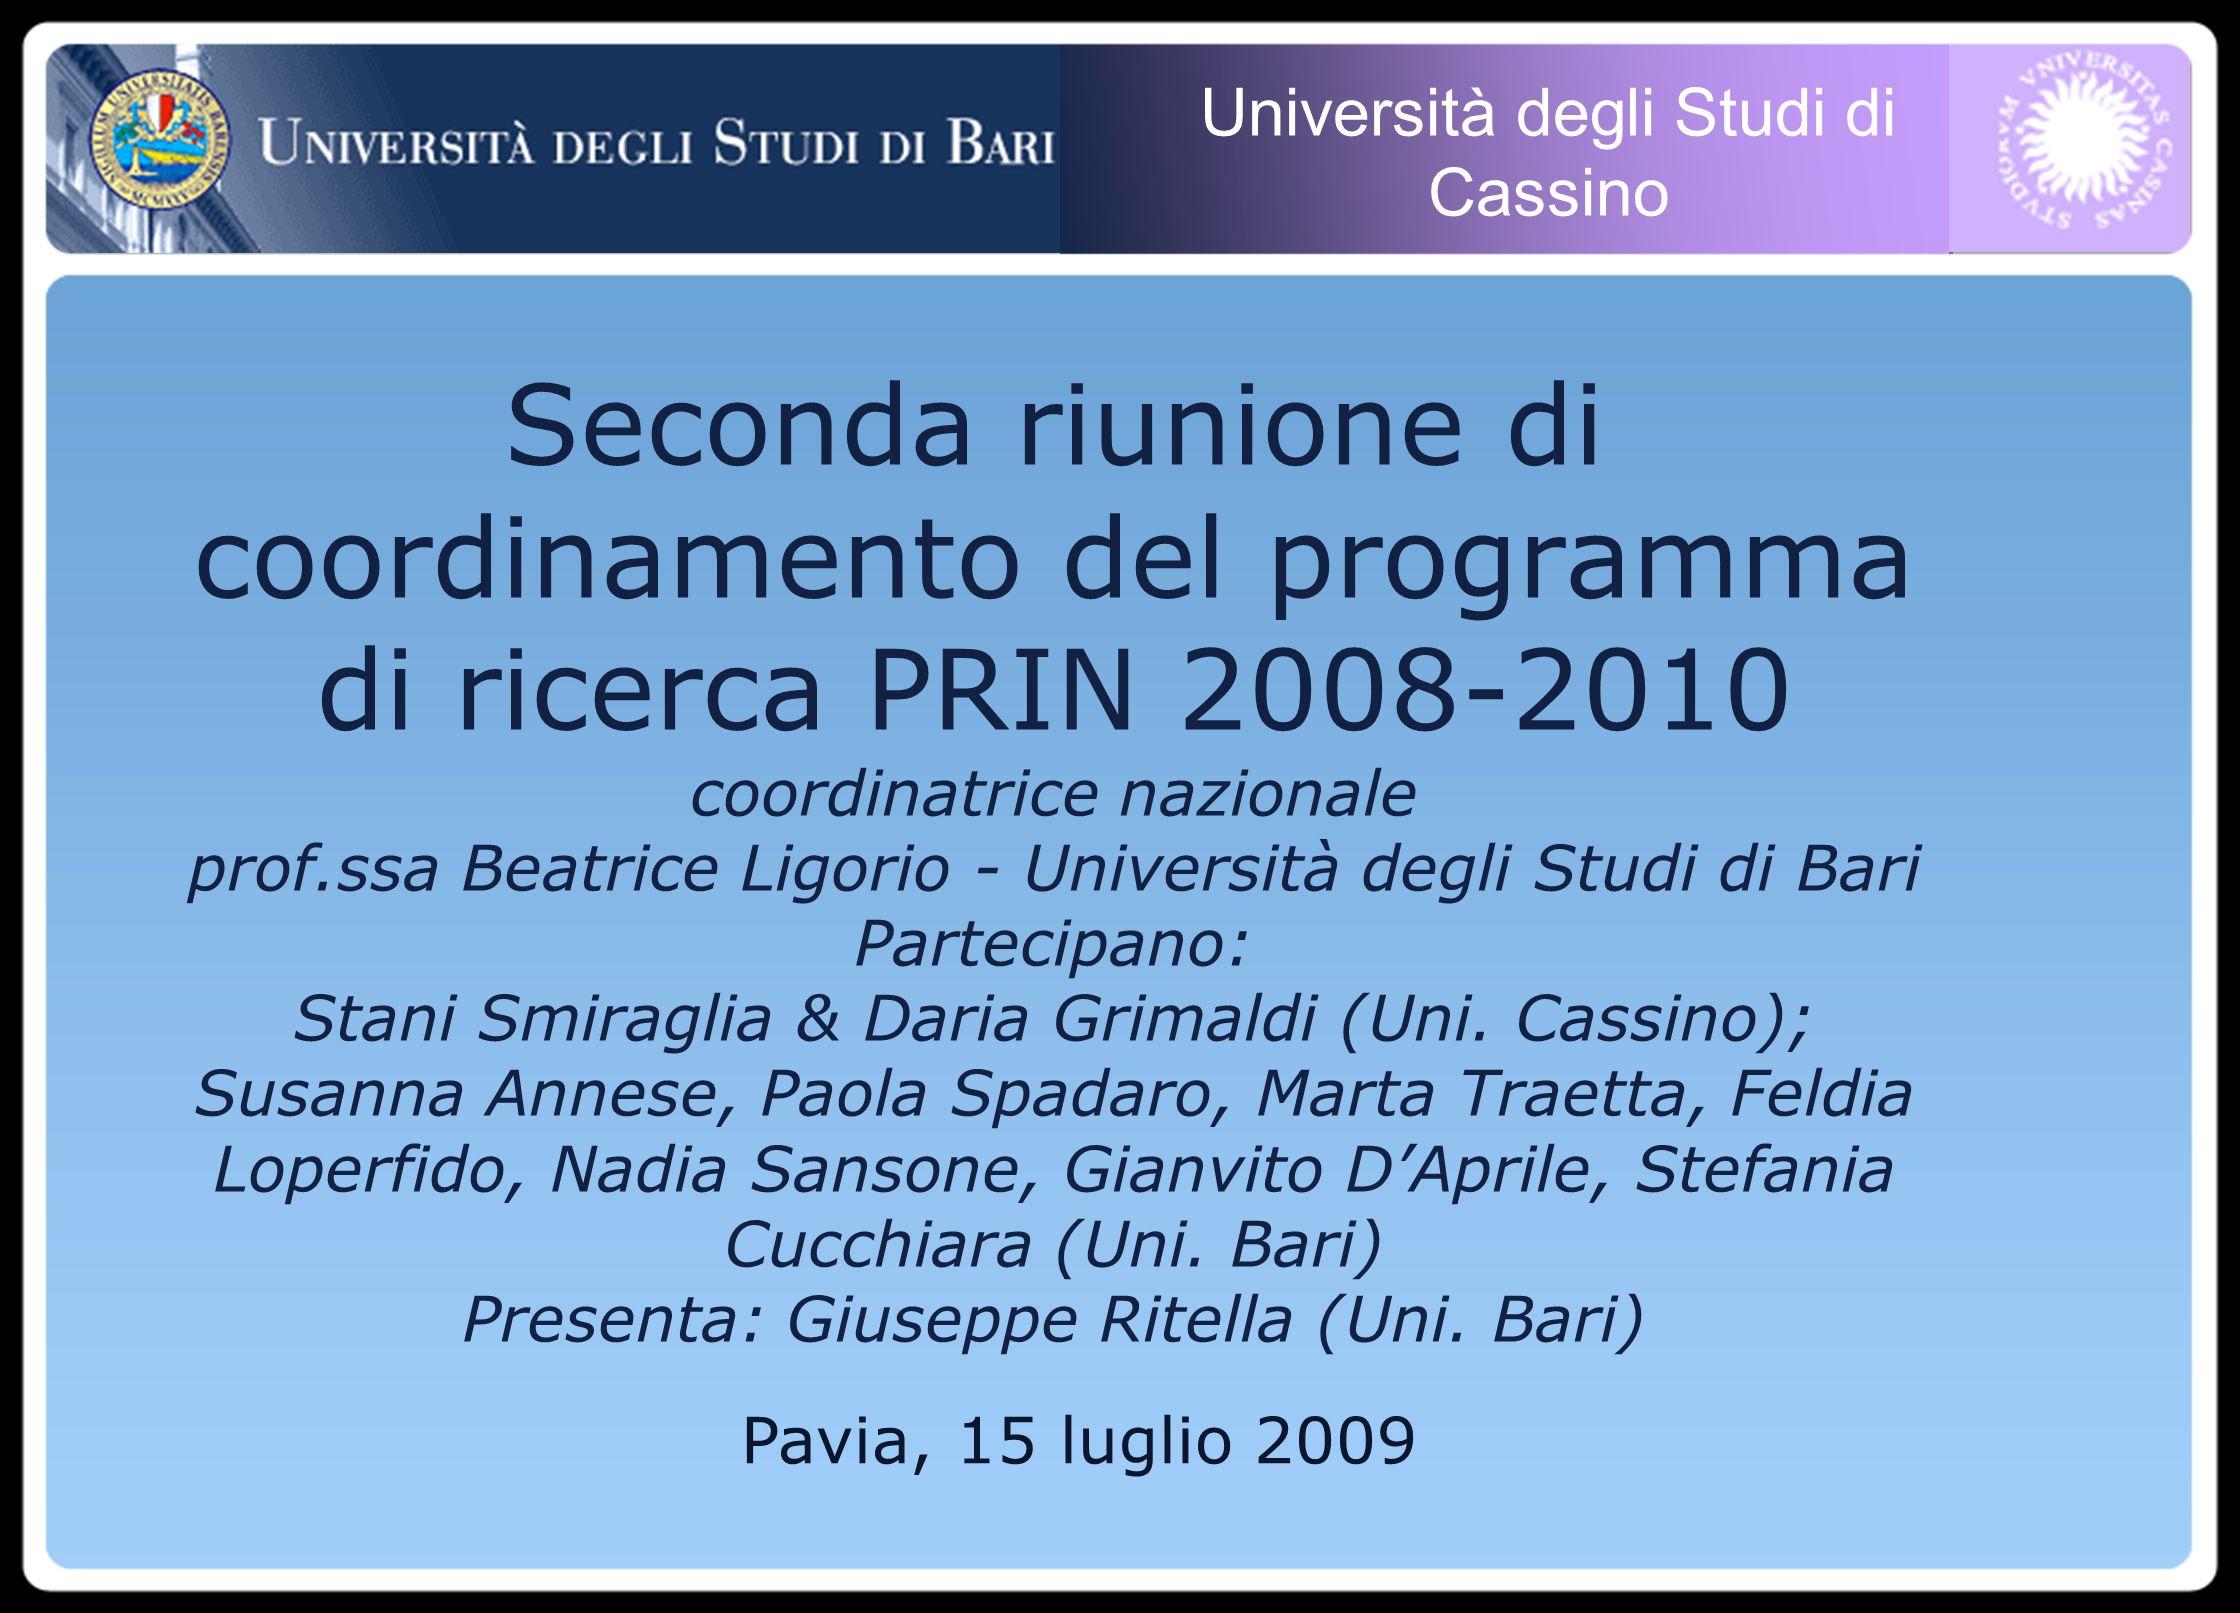 Università degli Studi di Cassino Pavia, 15 luglio 2009 Seconda riunione di coordinamento del programma di ricerca PRIN 2008-2010 coordinatrice nazionale prof.ssa Beatrice Ligorio - Università degli Studi di Bari Partecipano: Stani Smiraglia & Daria Grimaldi (Uni.